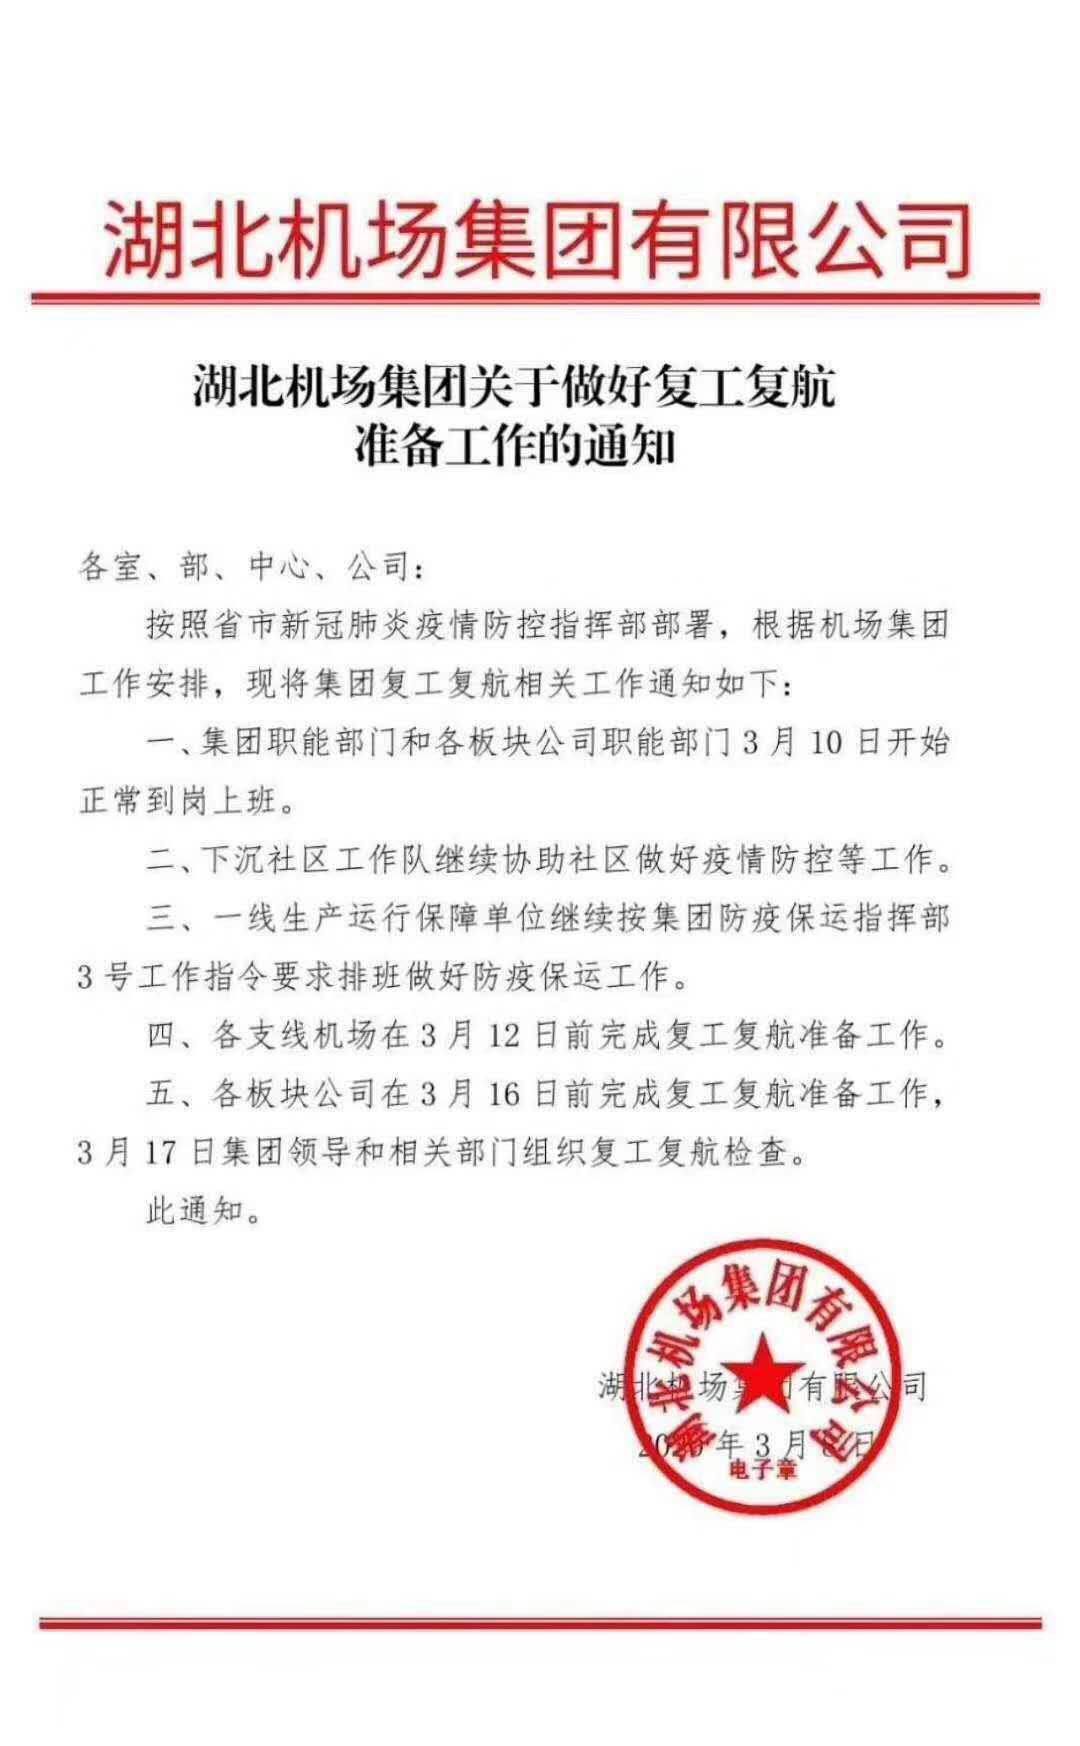 武汉天河机场回应复航传言